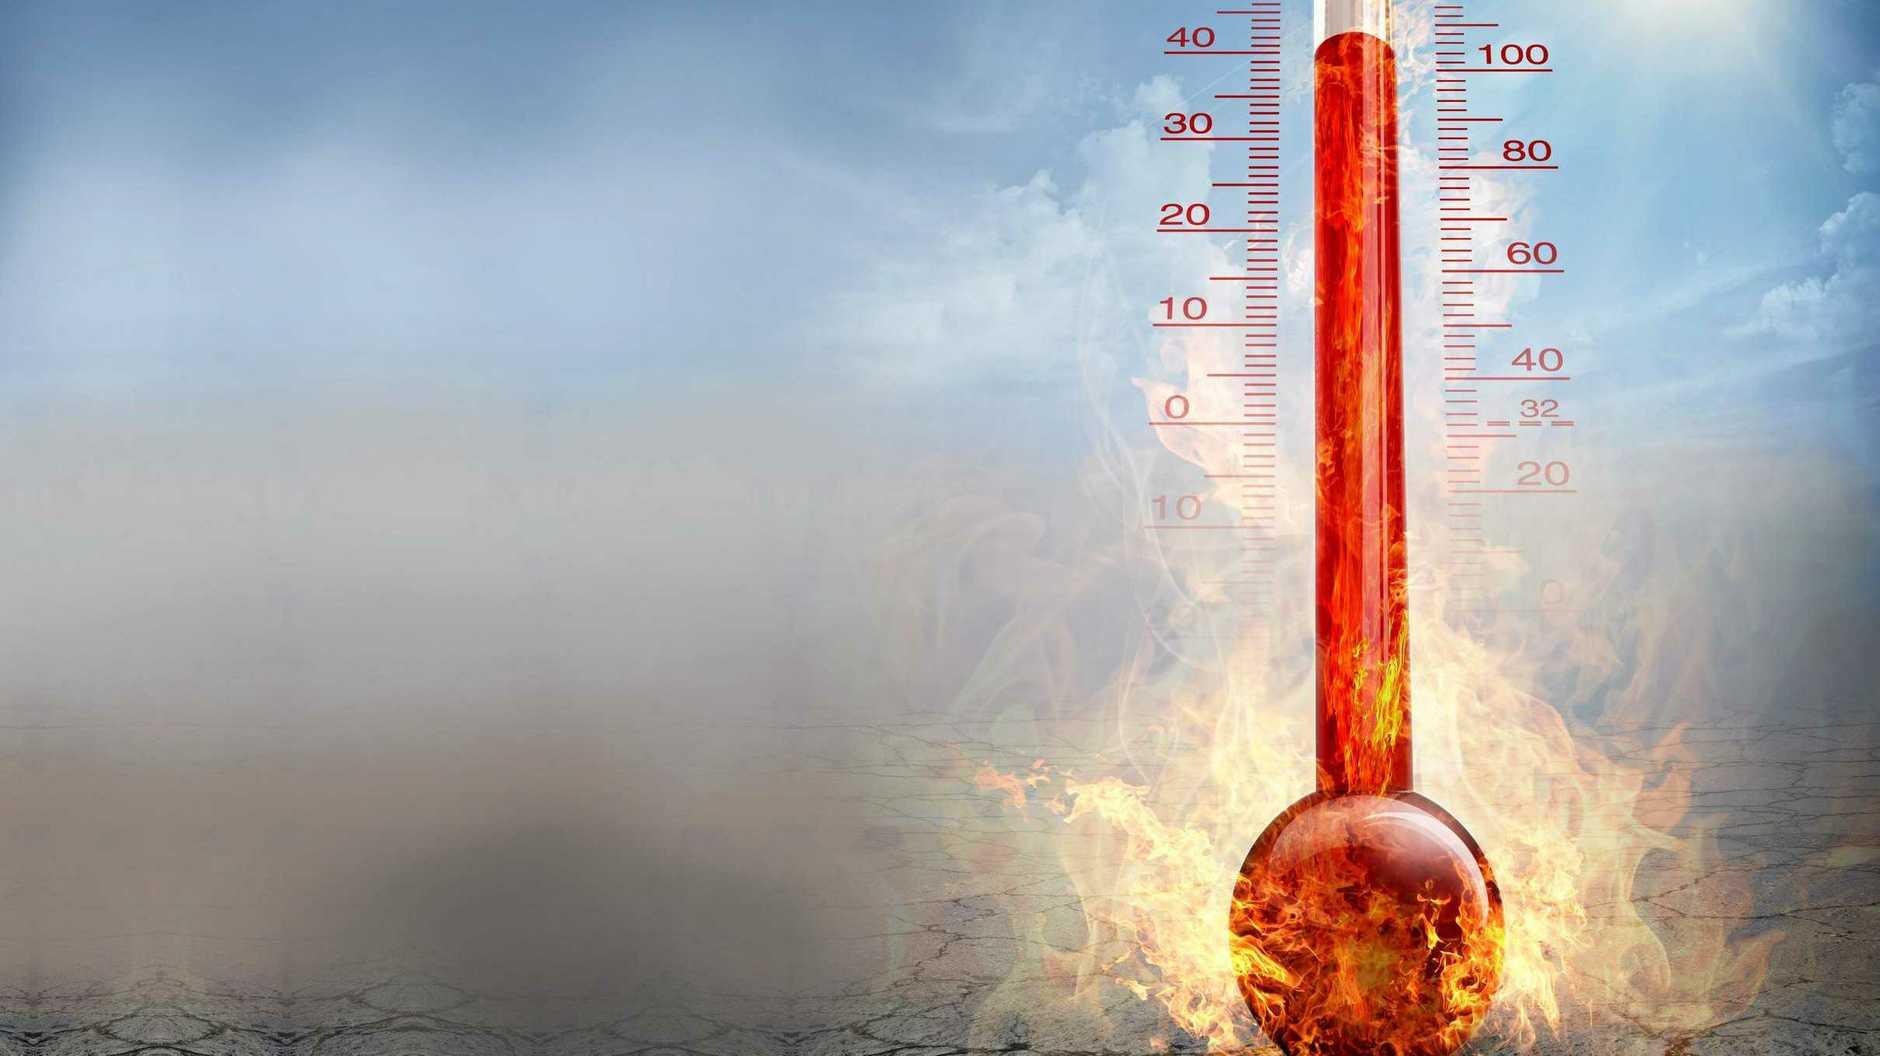 Temperatures soar this week.